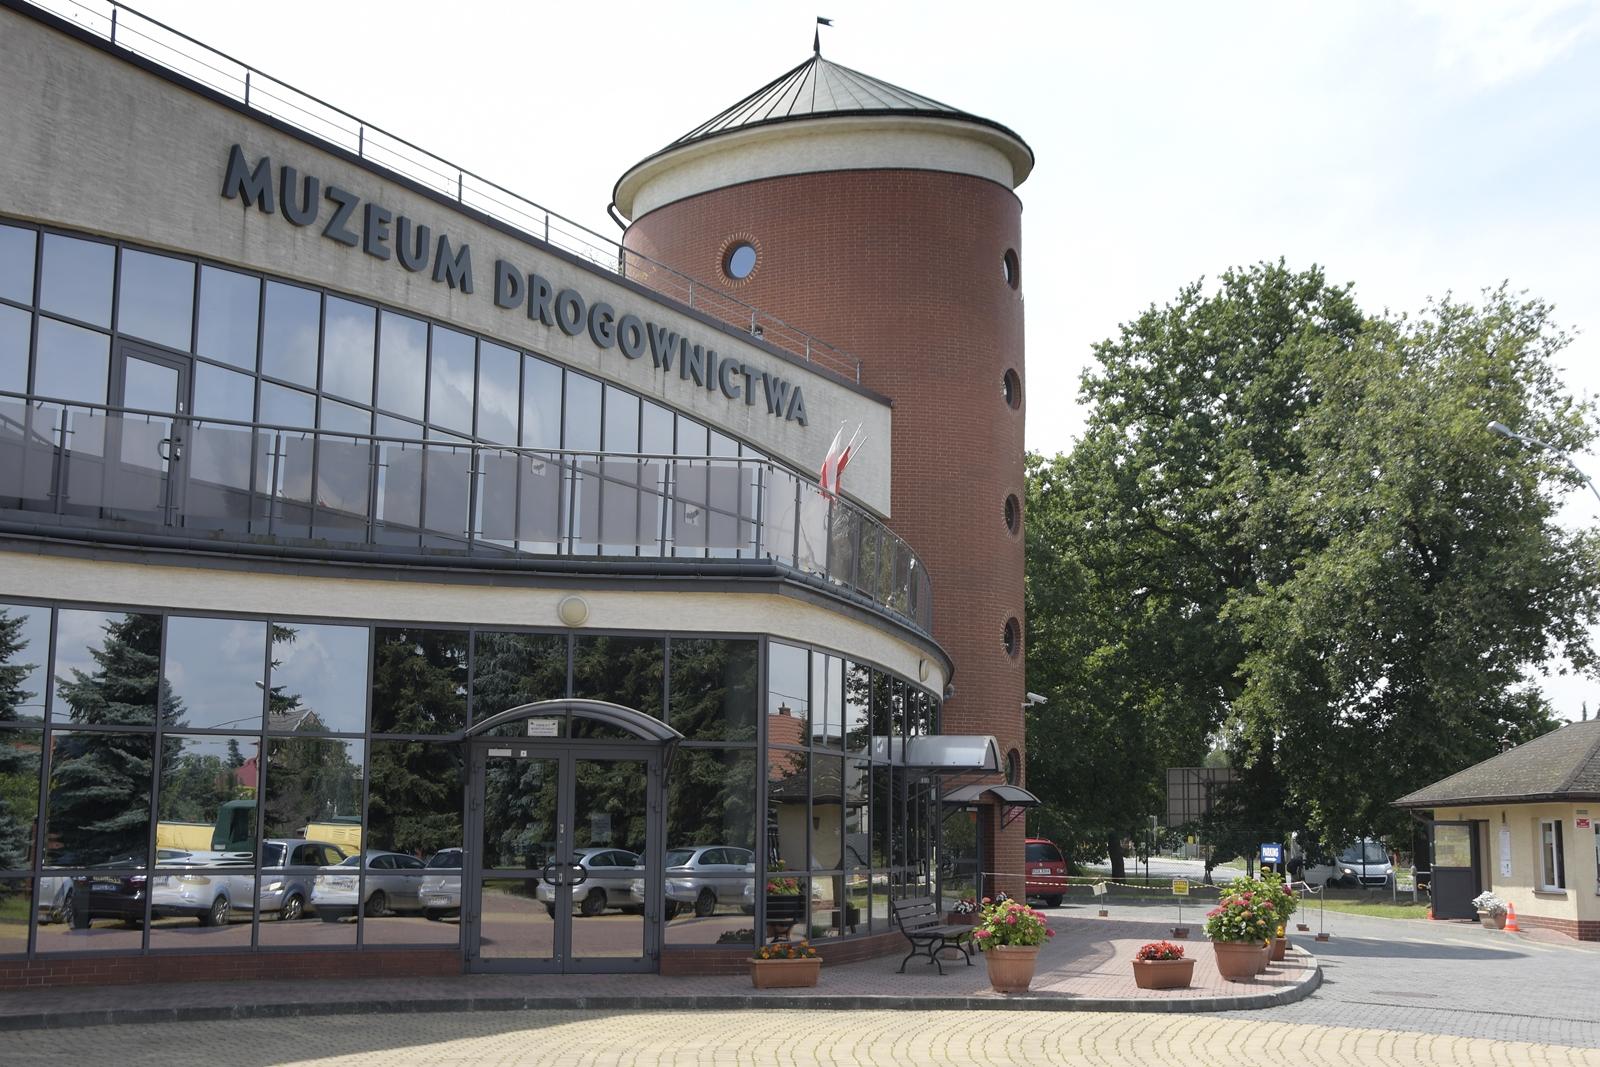 muzeum drogownictwa